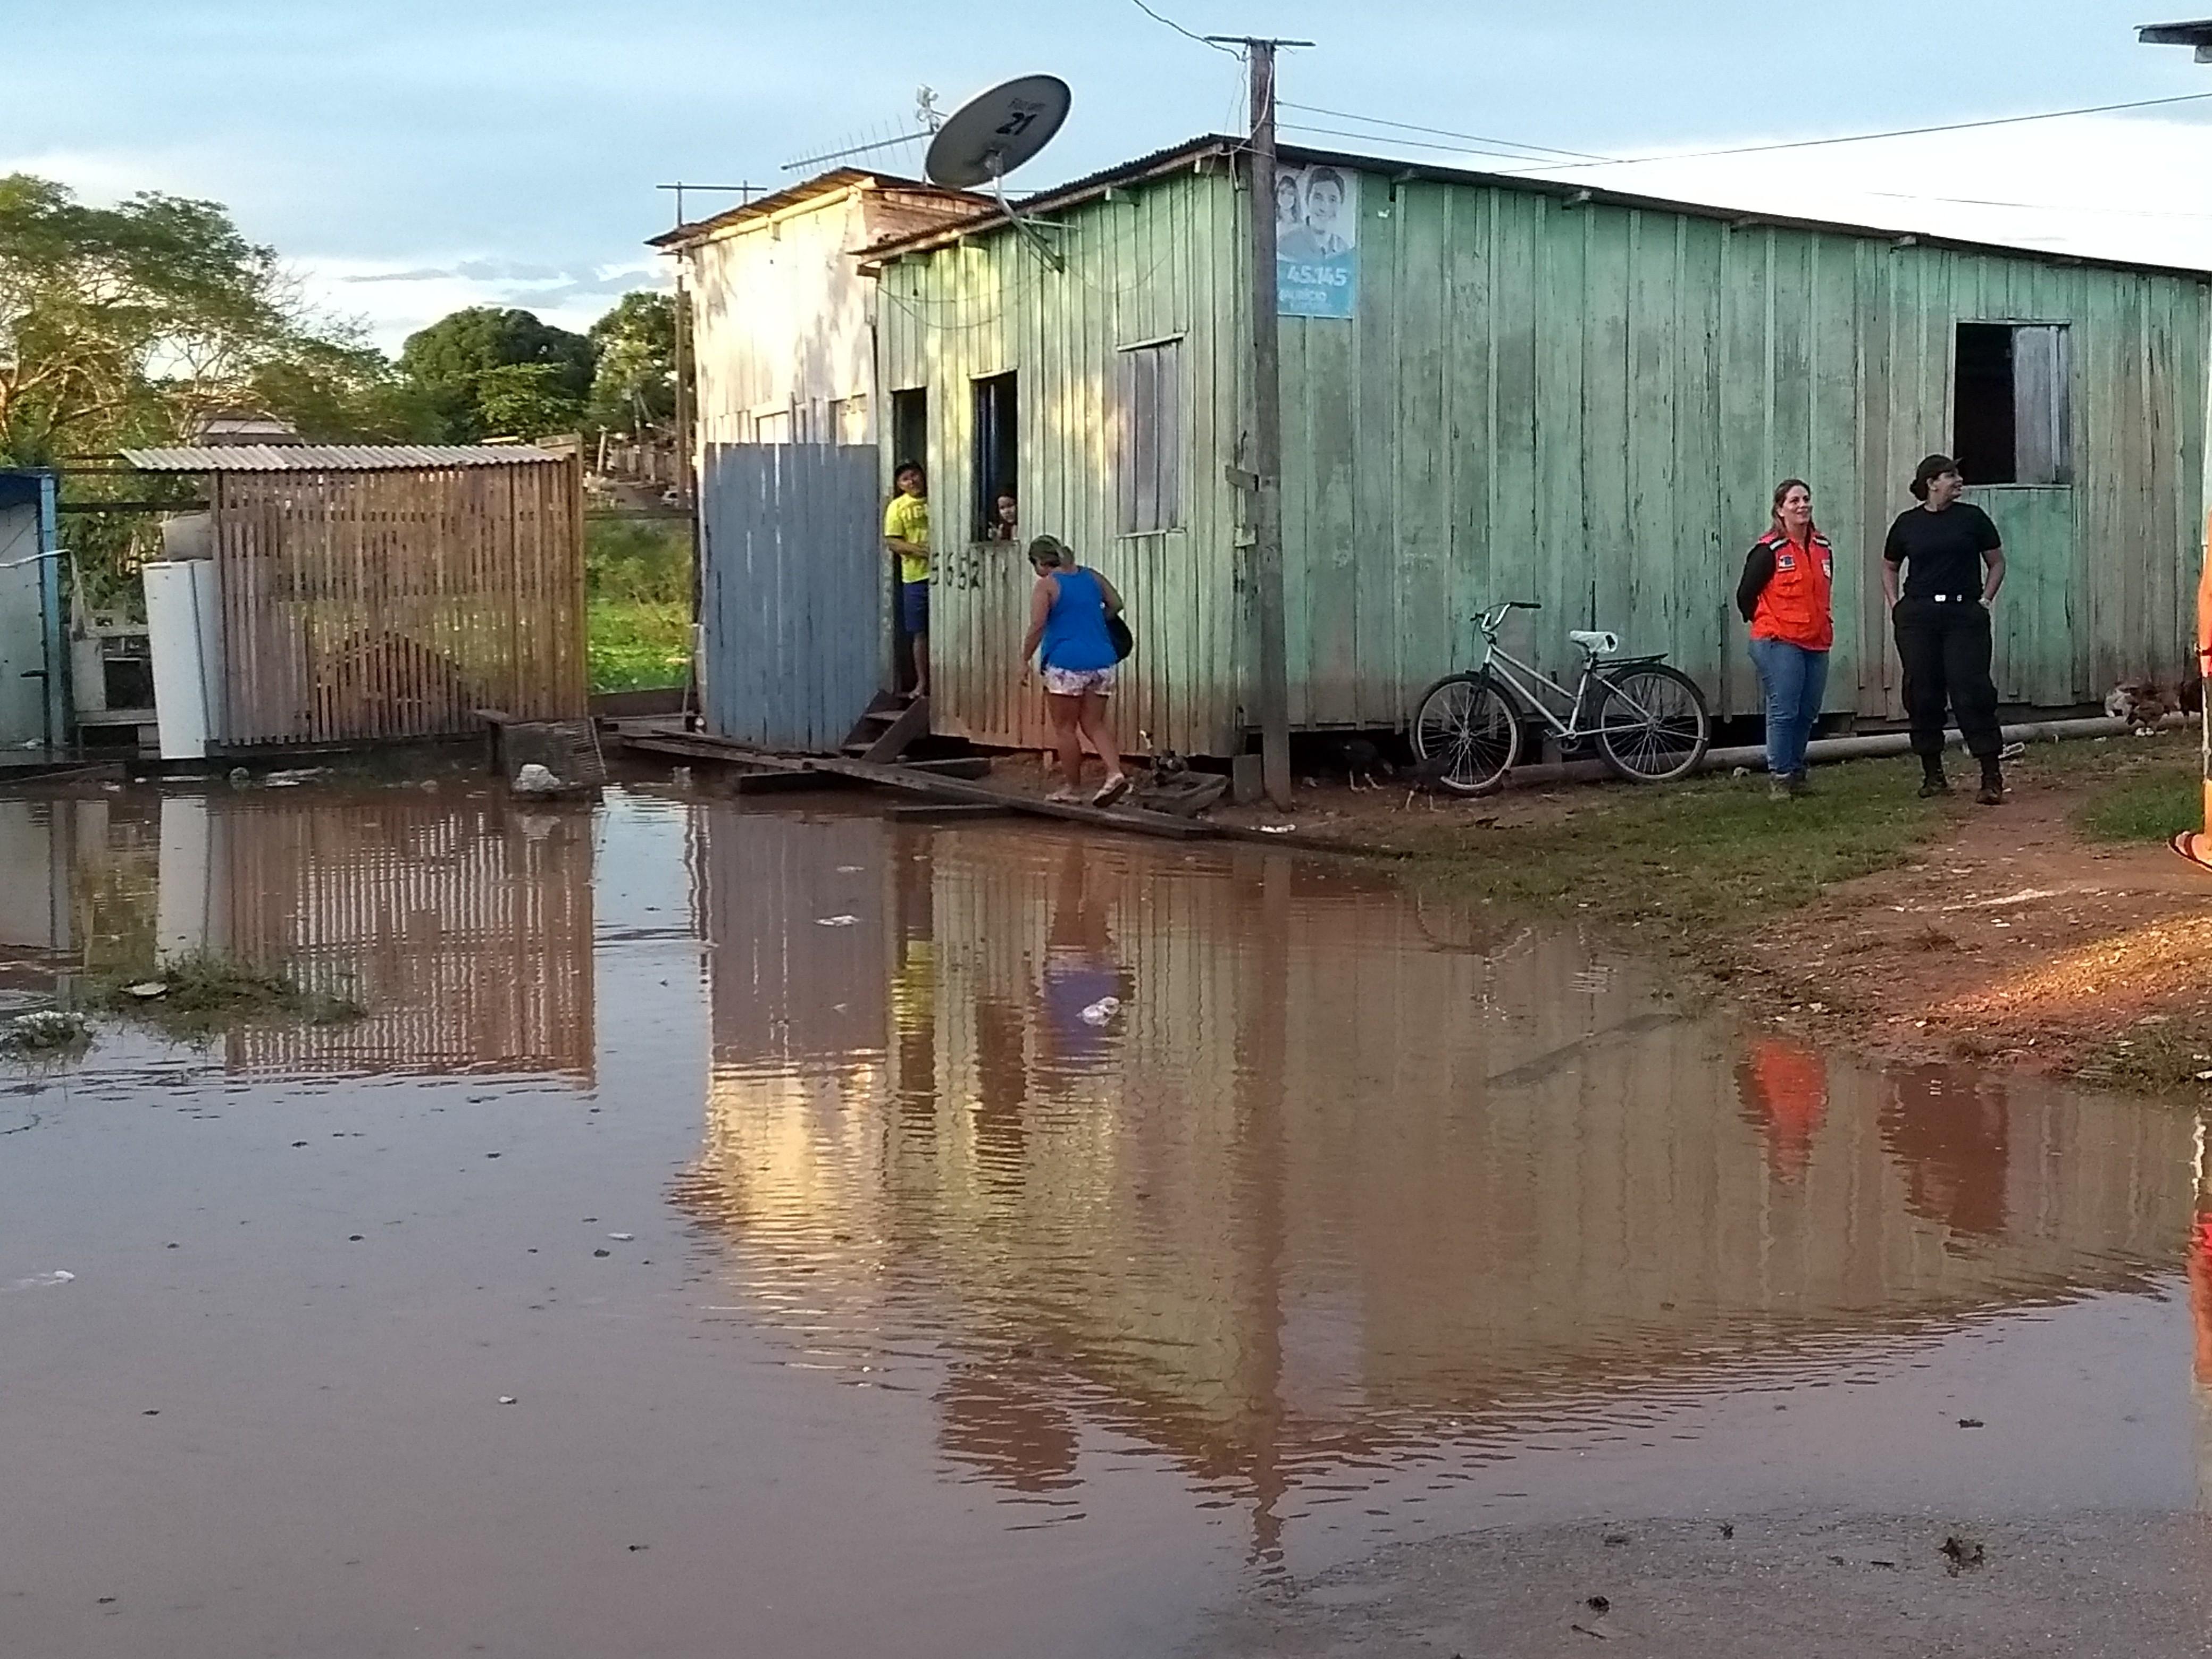 Nível do Rio Madeira atinge 16,6 metros e mais uma família é desalojada em RO